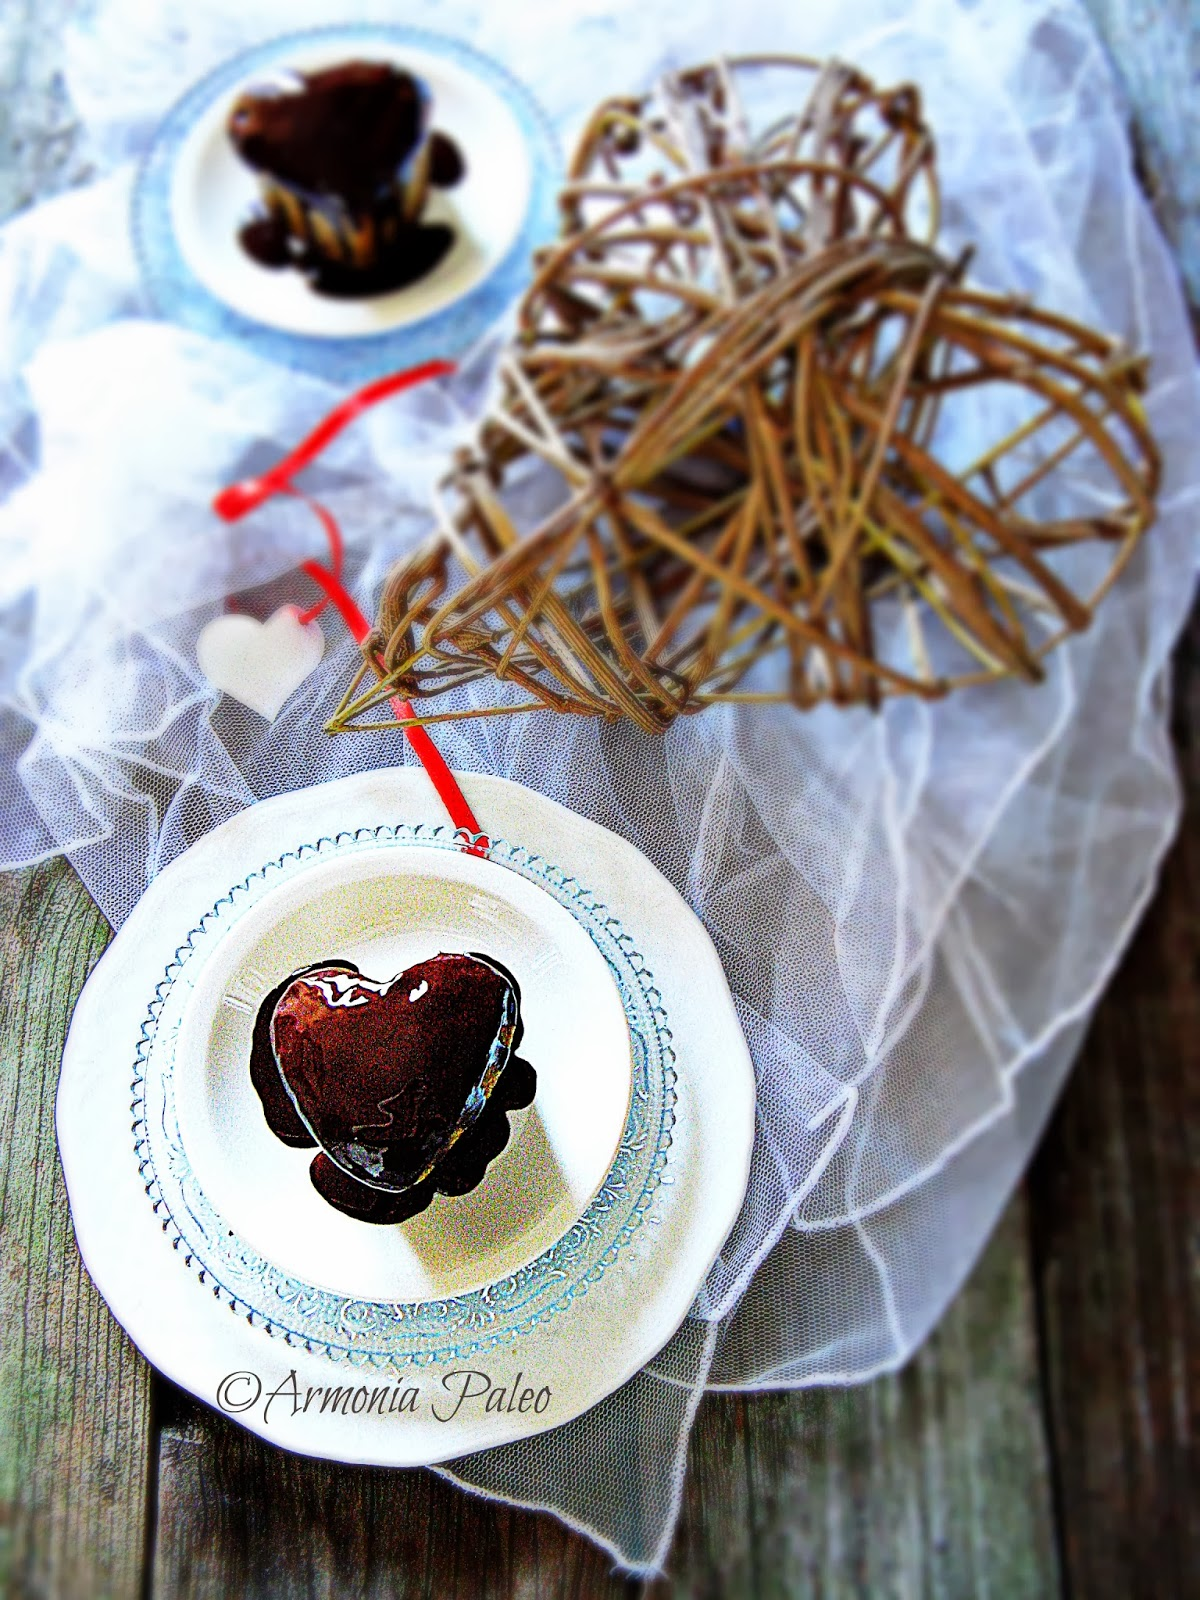 Cuori di Tiger Nuts al Cioccolato di Armonia Paleo